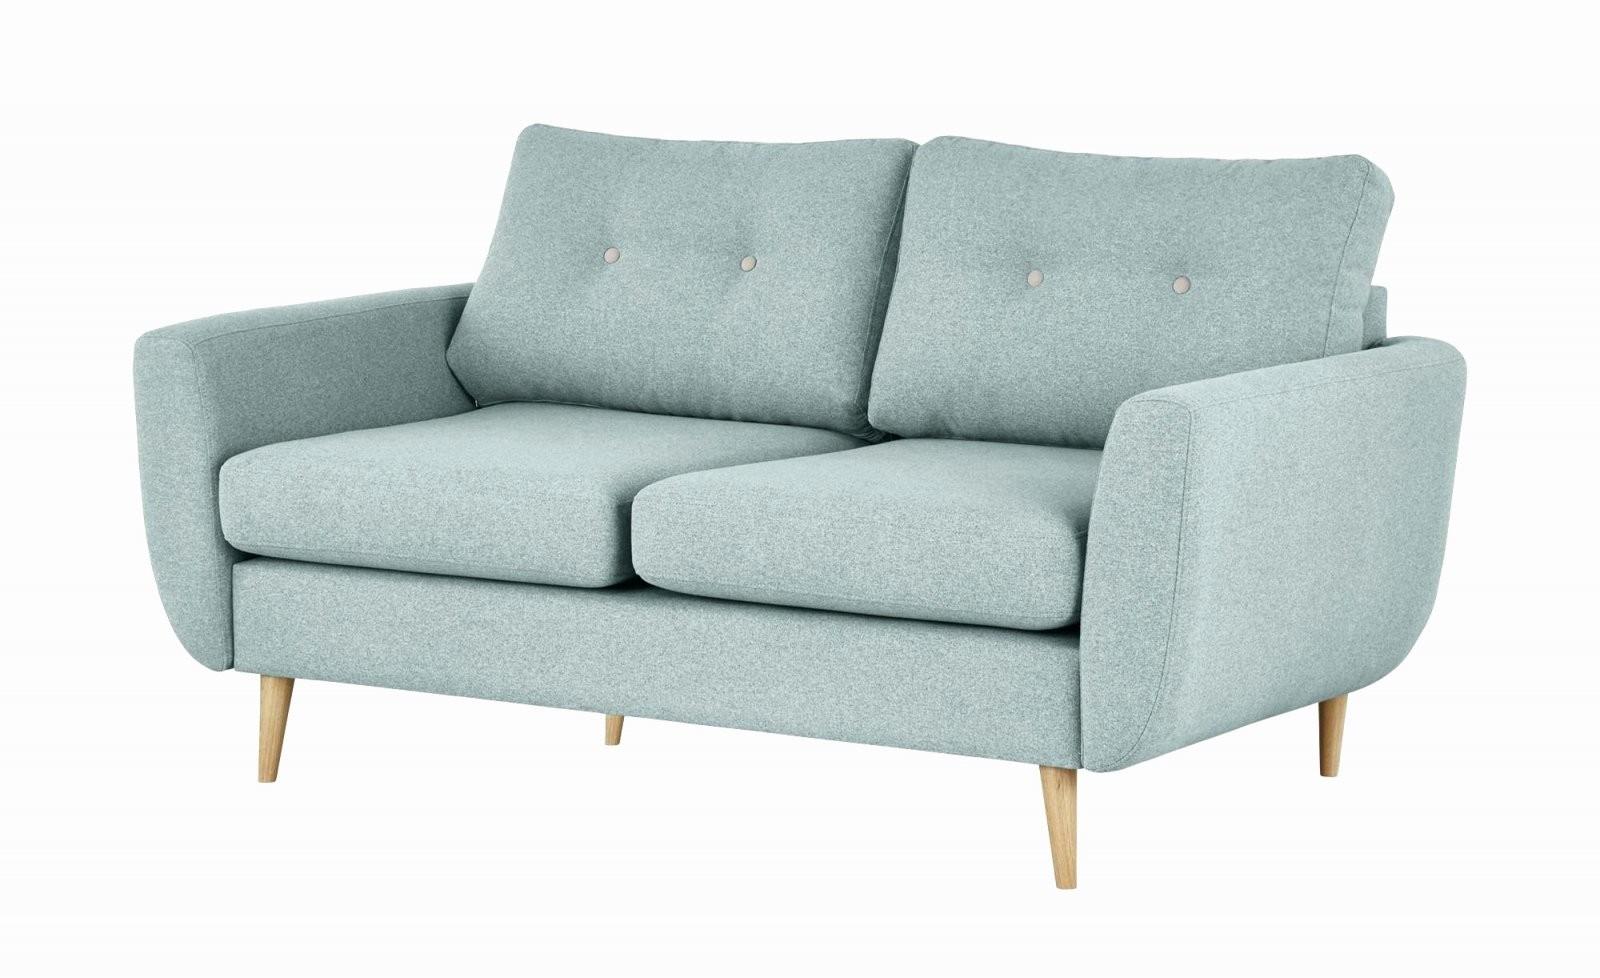 Kleines Sofa Für Jugendzimmer Frisch Ziemlich Sofas Fur Kleine Raume von Kleine Couch Für Jugendzimmer Bild